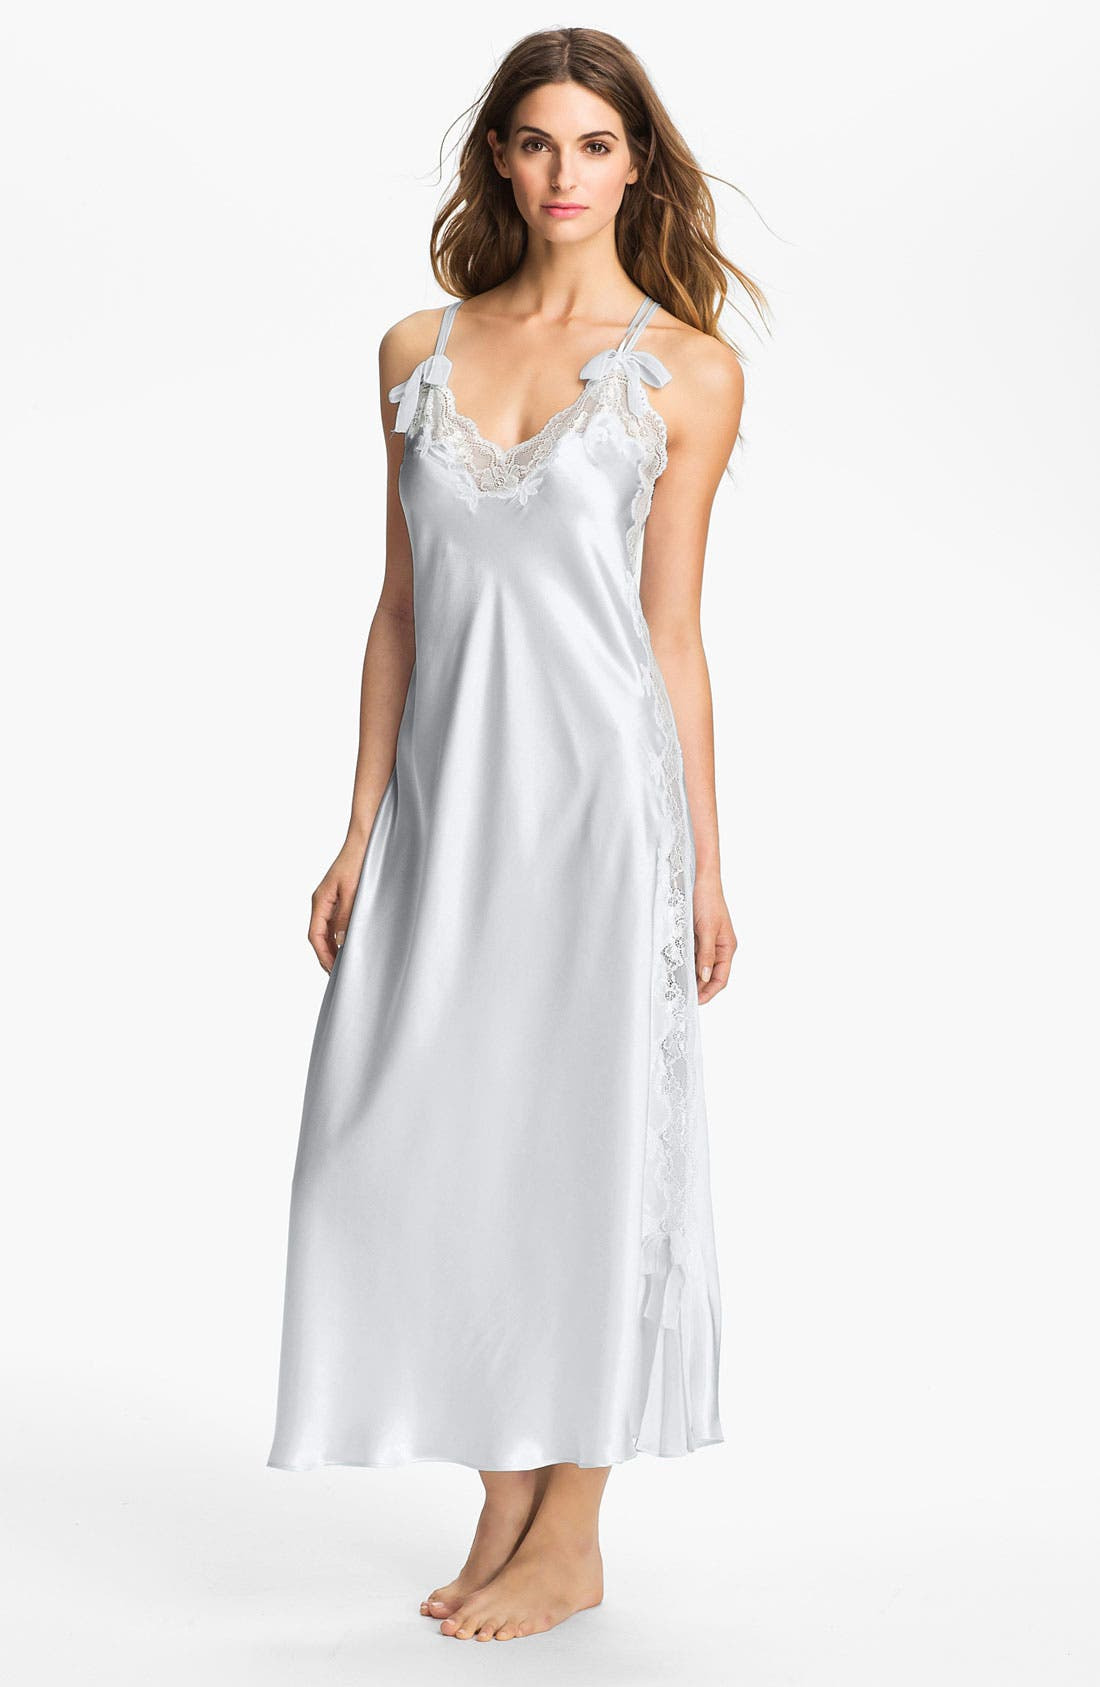 Main Image - Oscar de la Renta Sleepwear 'Lovely in Lace' Charmeuse Nightgown